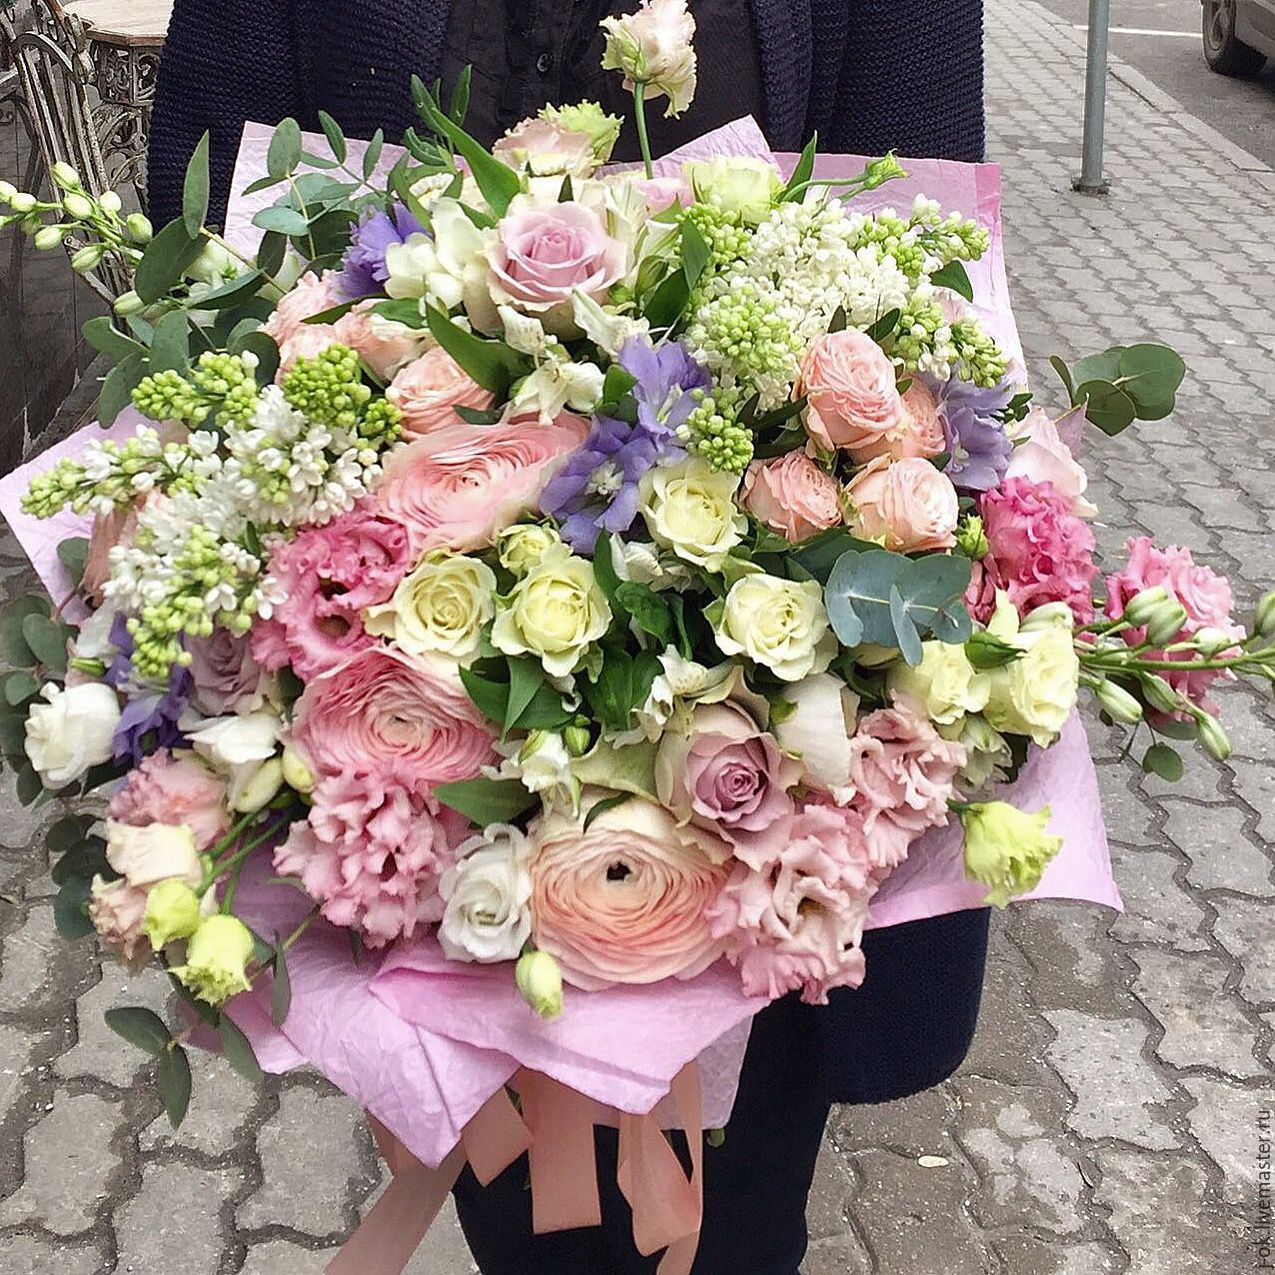 Привітання з днем народження на Ювілей 35 років дівчині, подрузі, дочки, сестри в прозі, своїми словами, українською мовою